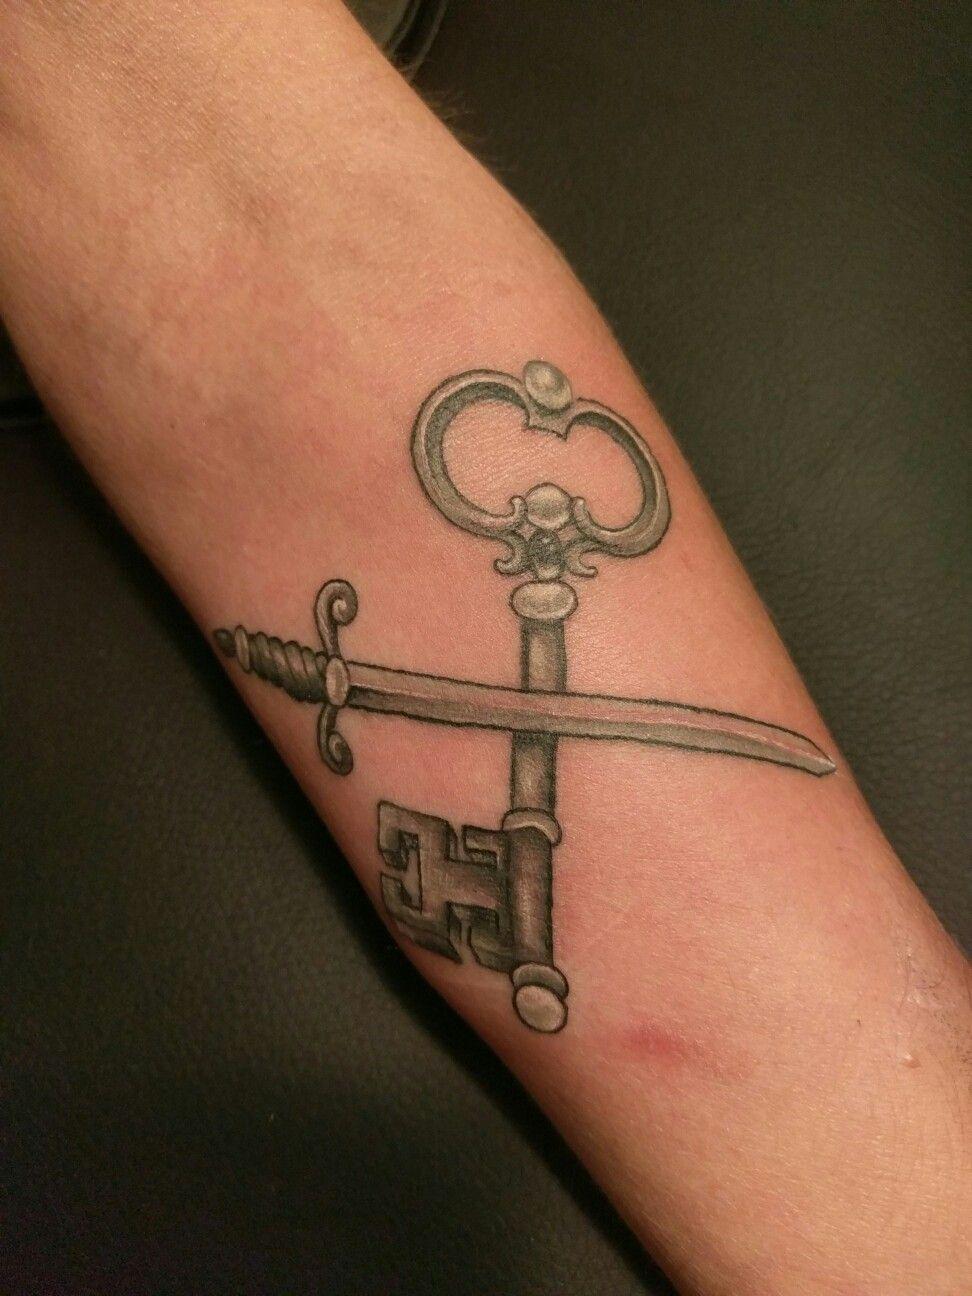 Cross Sabre and key tattoo Key tattoo, Tattoos, Infinity